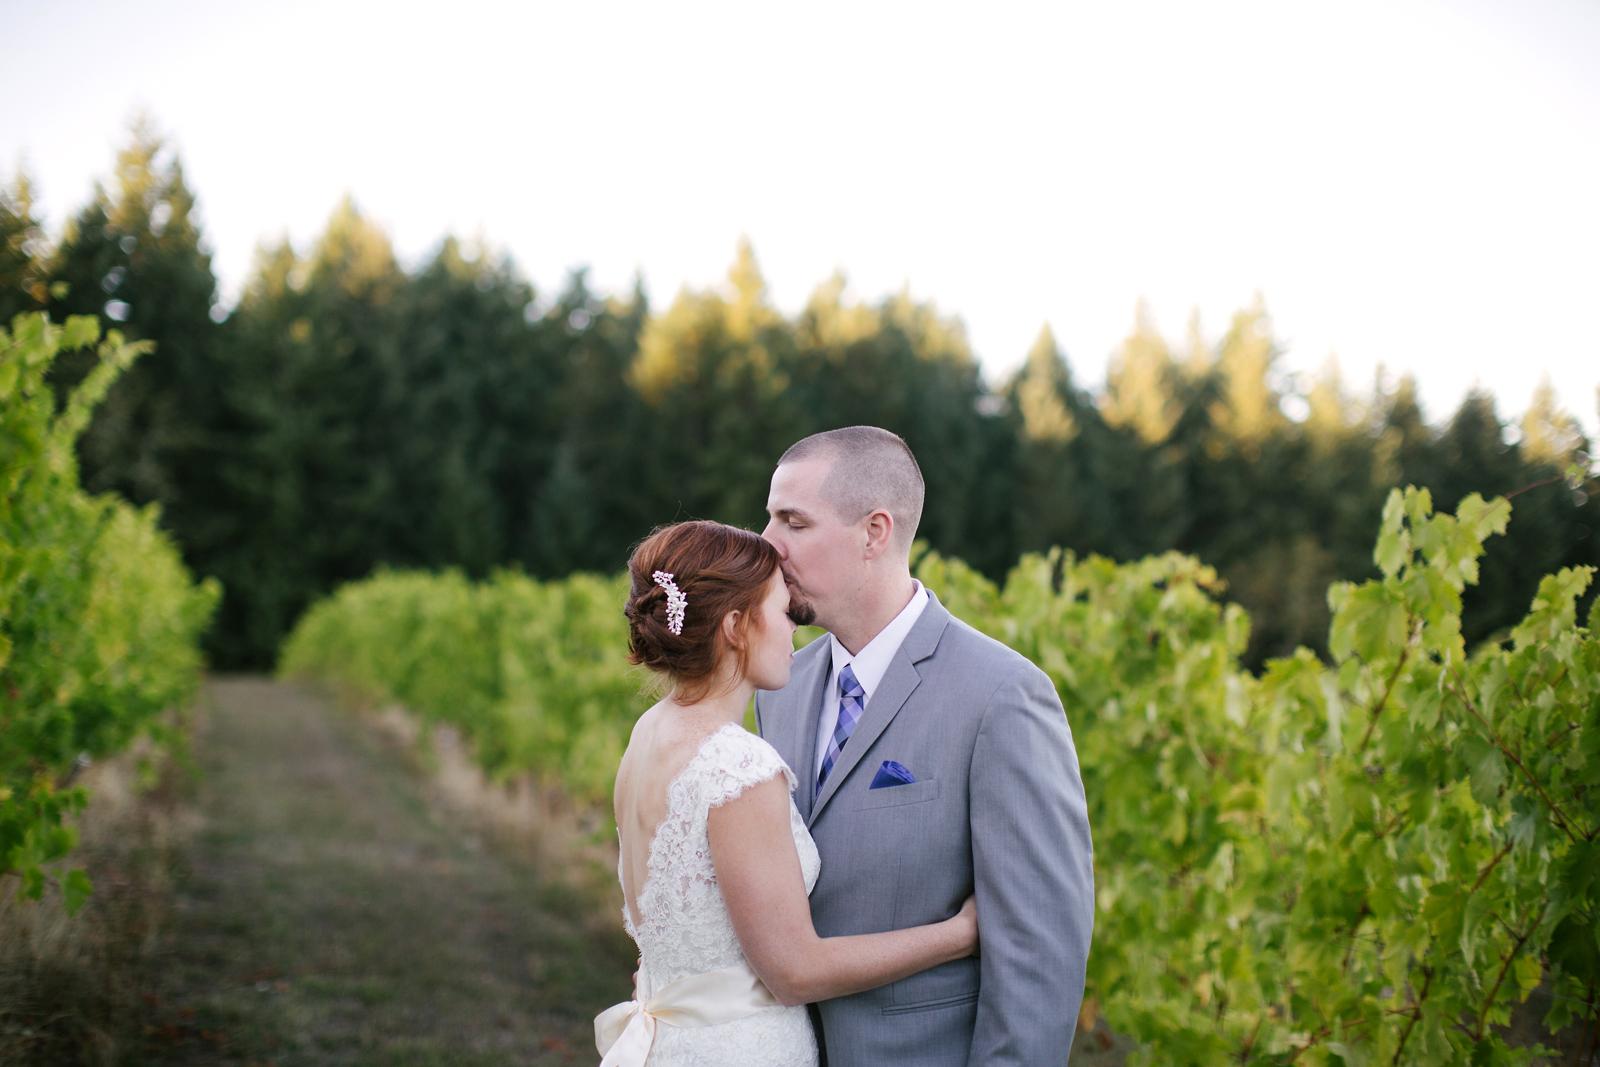 050-daronjackson-rich-wedding.jpg